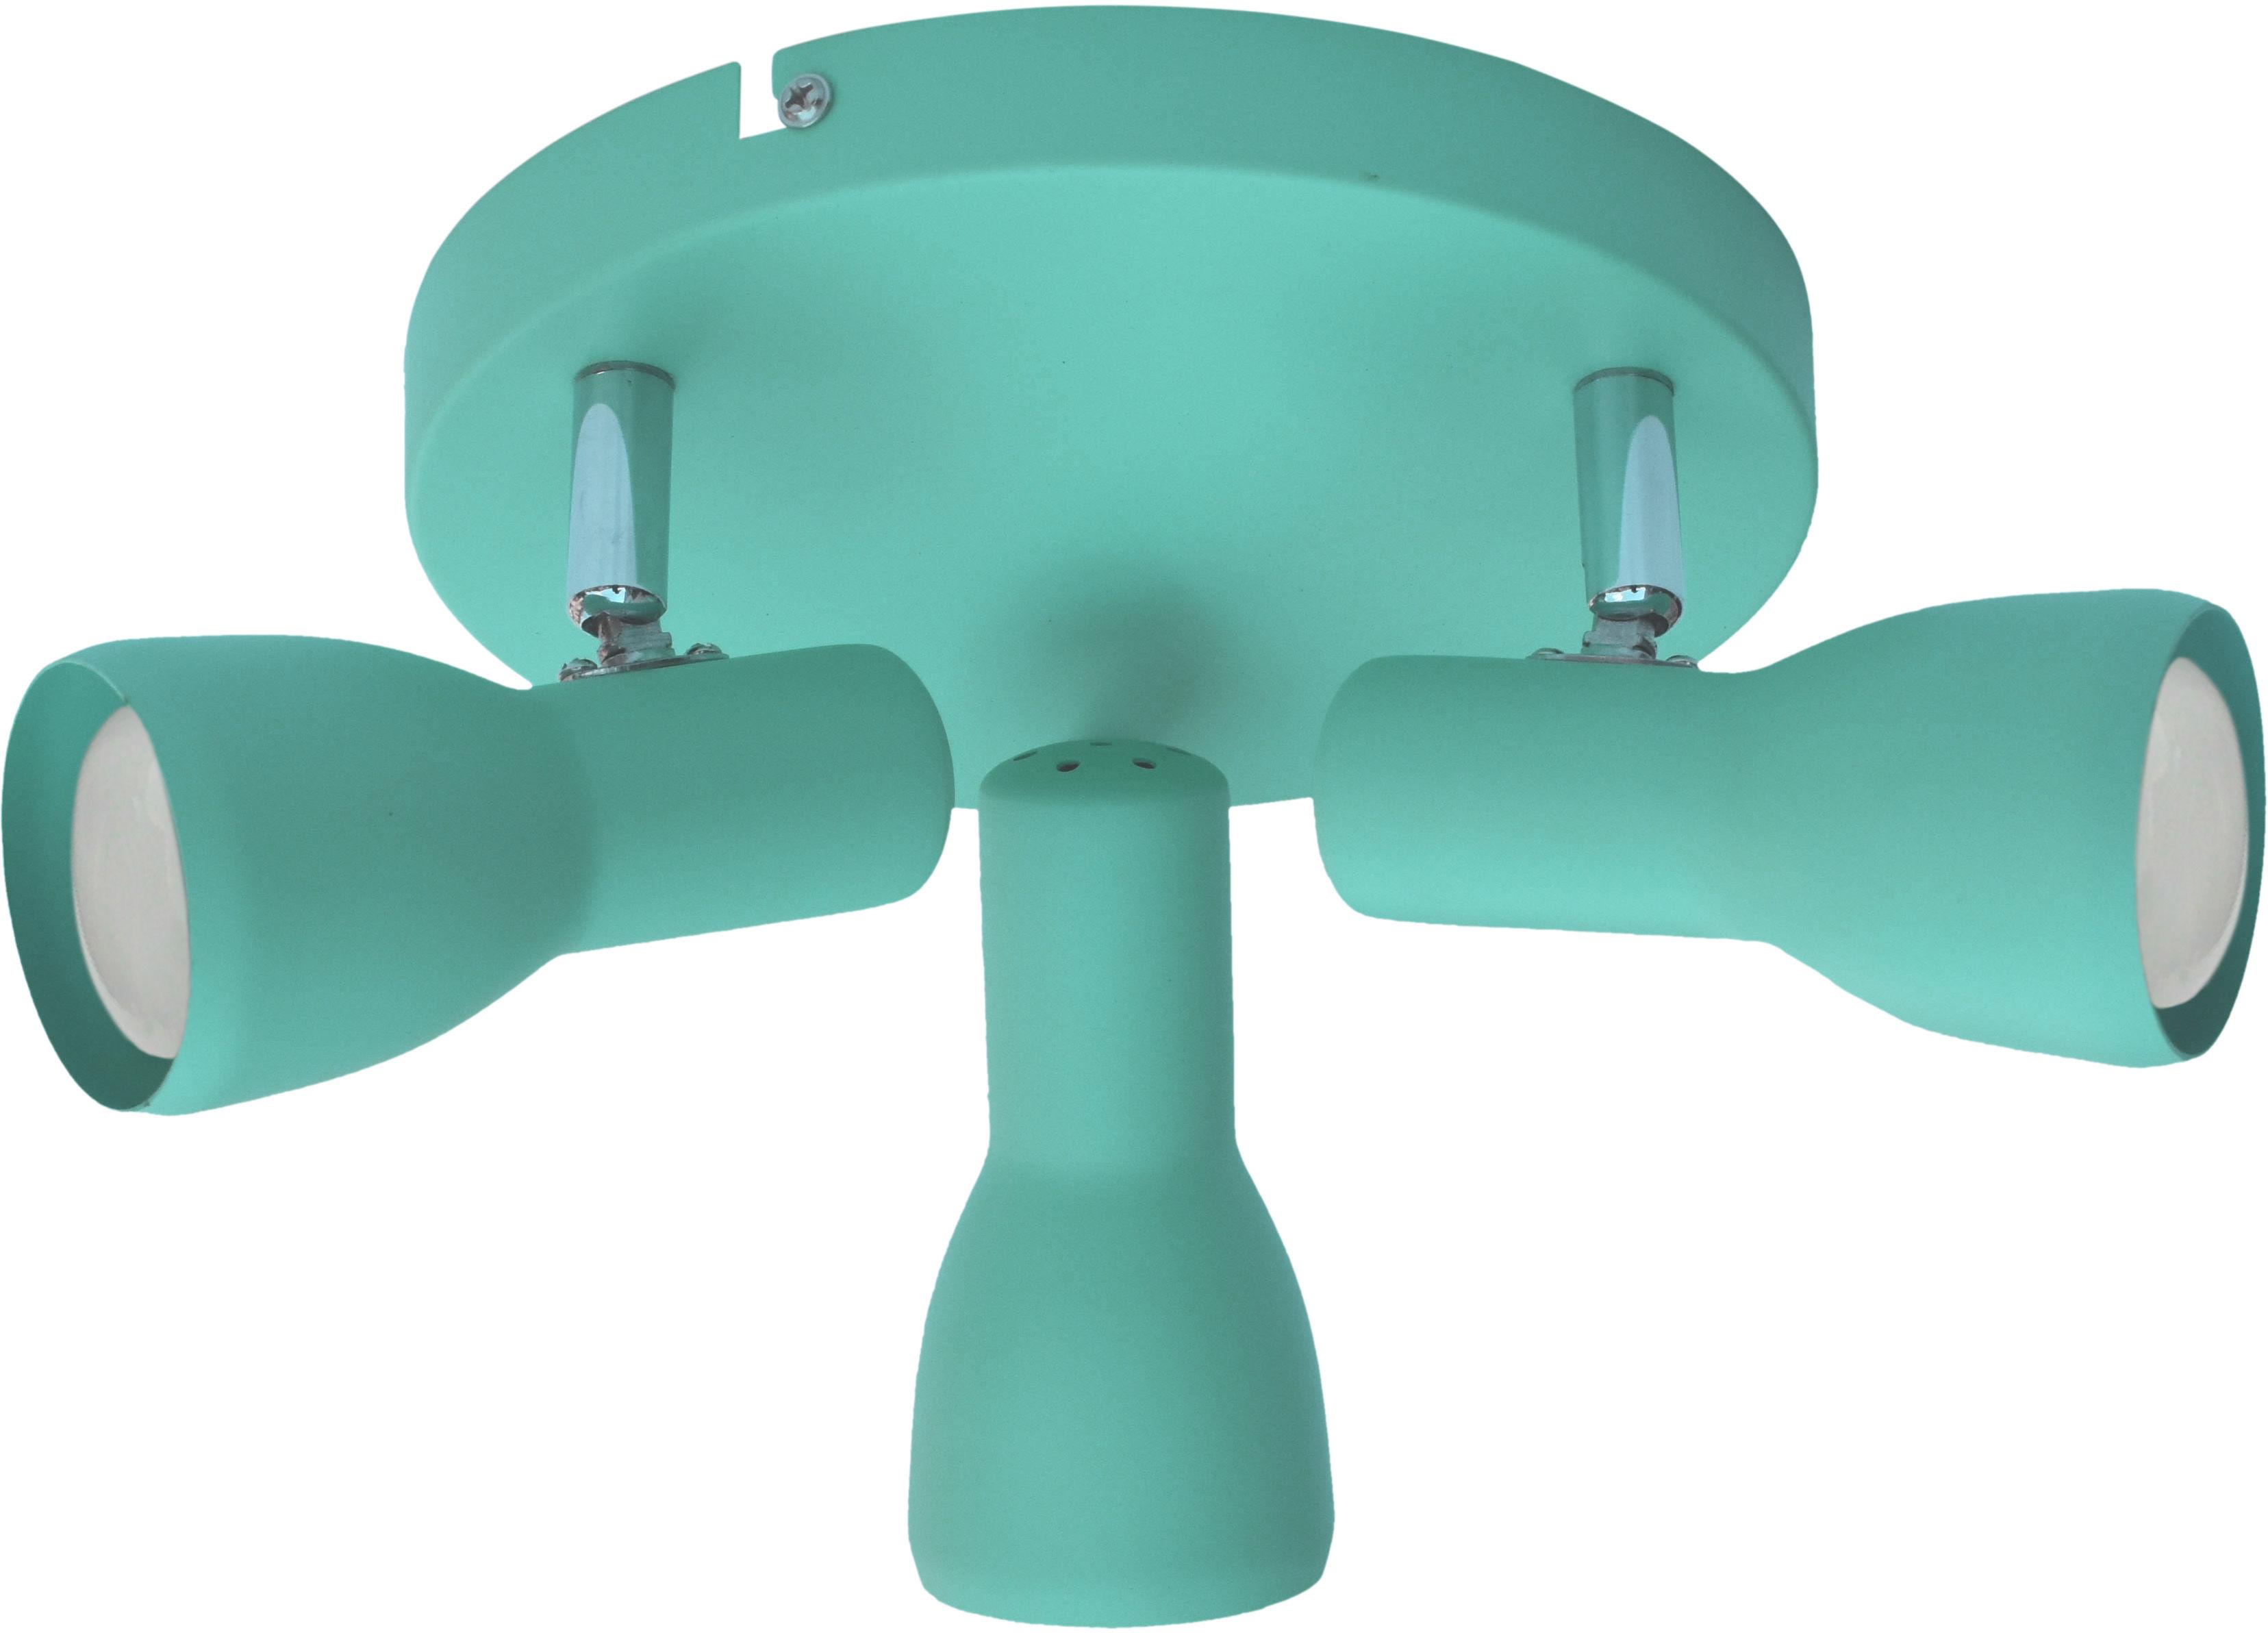 Candellux PICARDO 98-50601 plafon lampa sufitowa miętowa stalowy klosz 3X40W E14 29cm